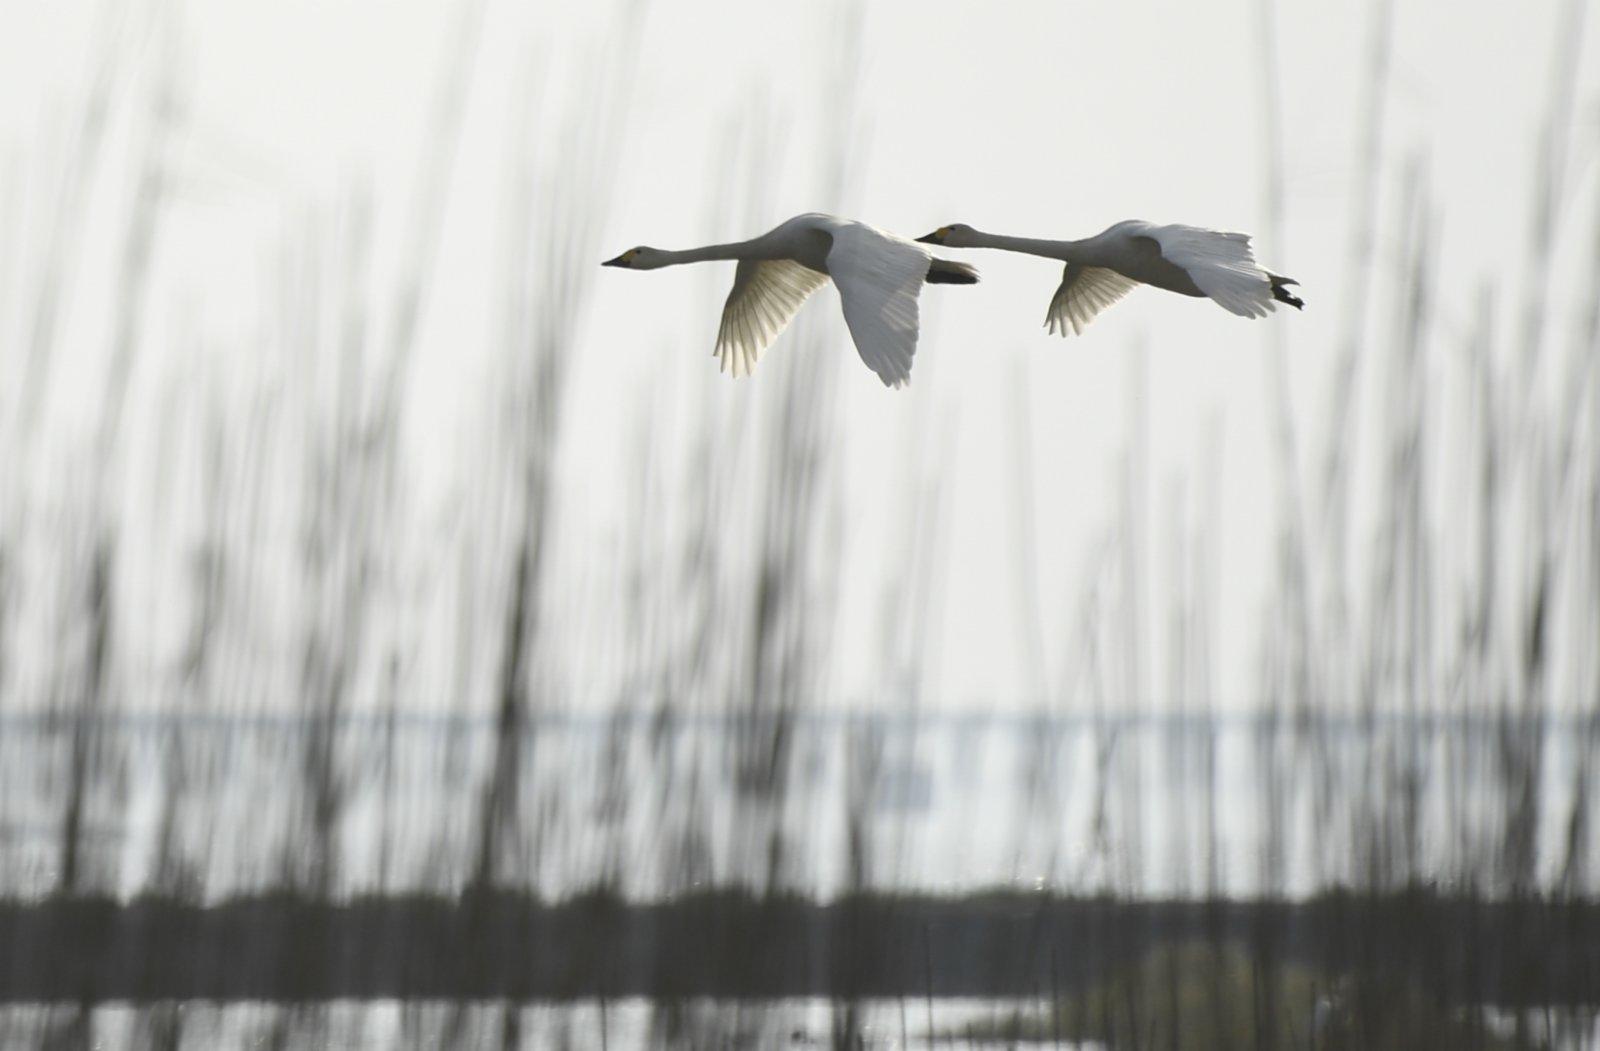 11月18日,天鵝在南京石臼湖上空飛翔。(新華社)